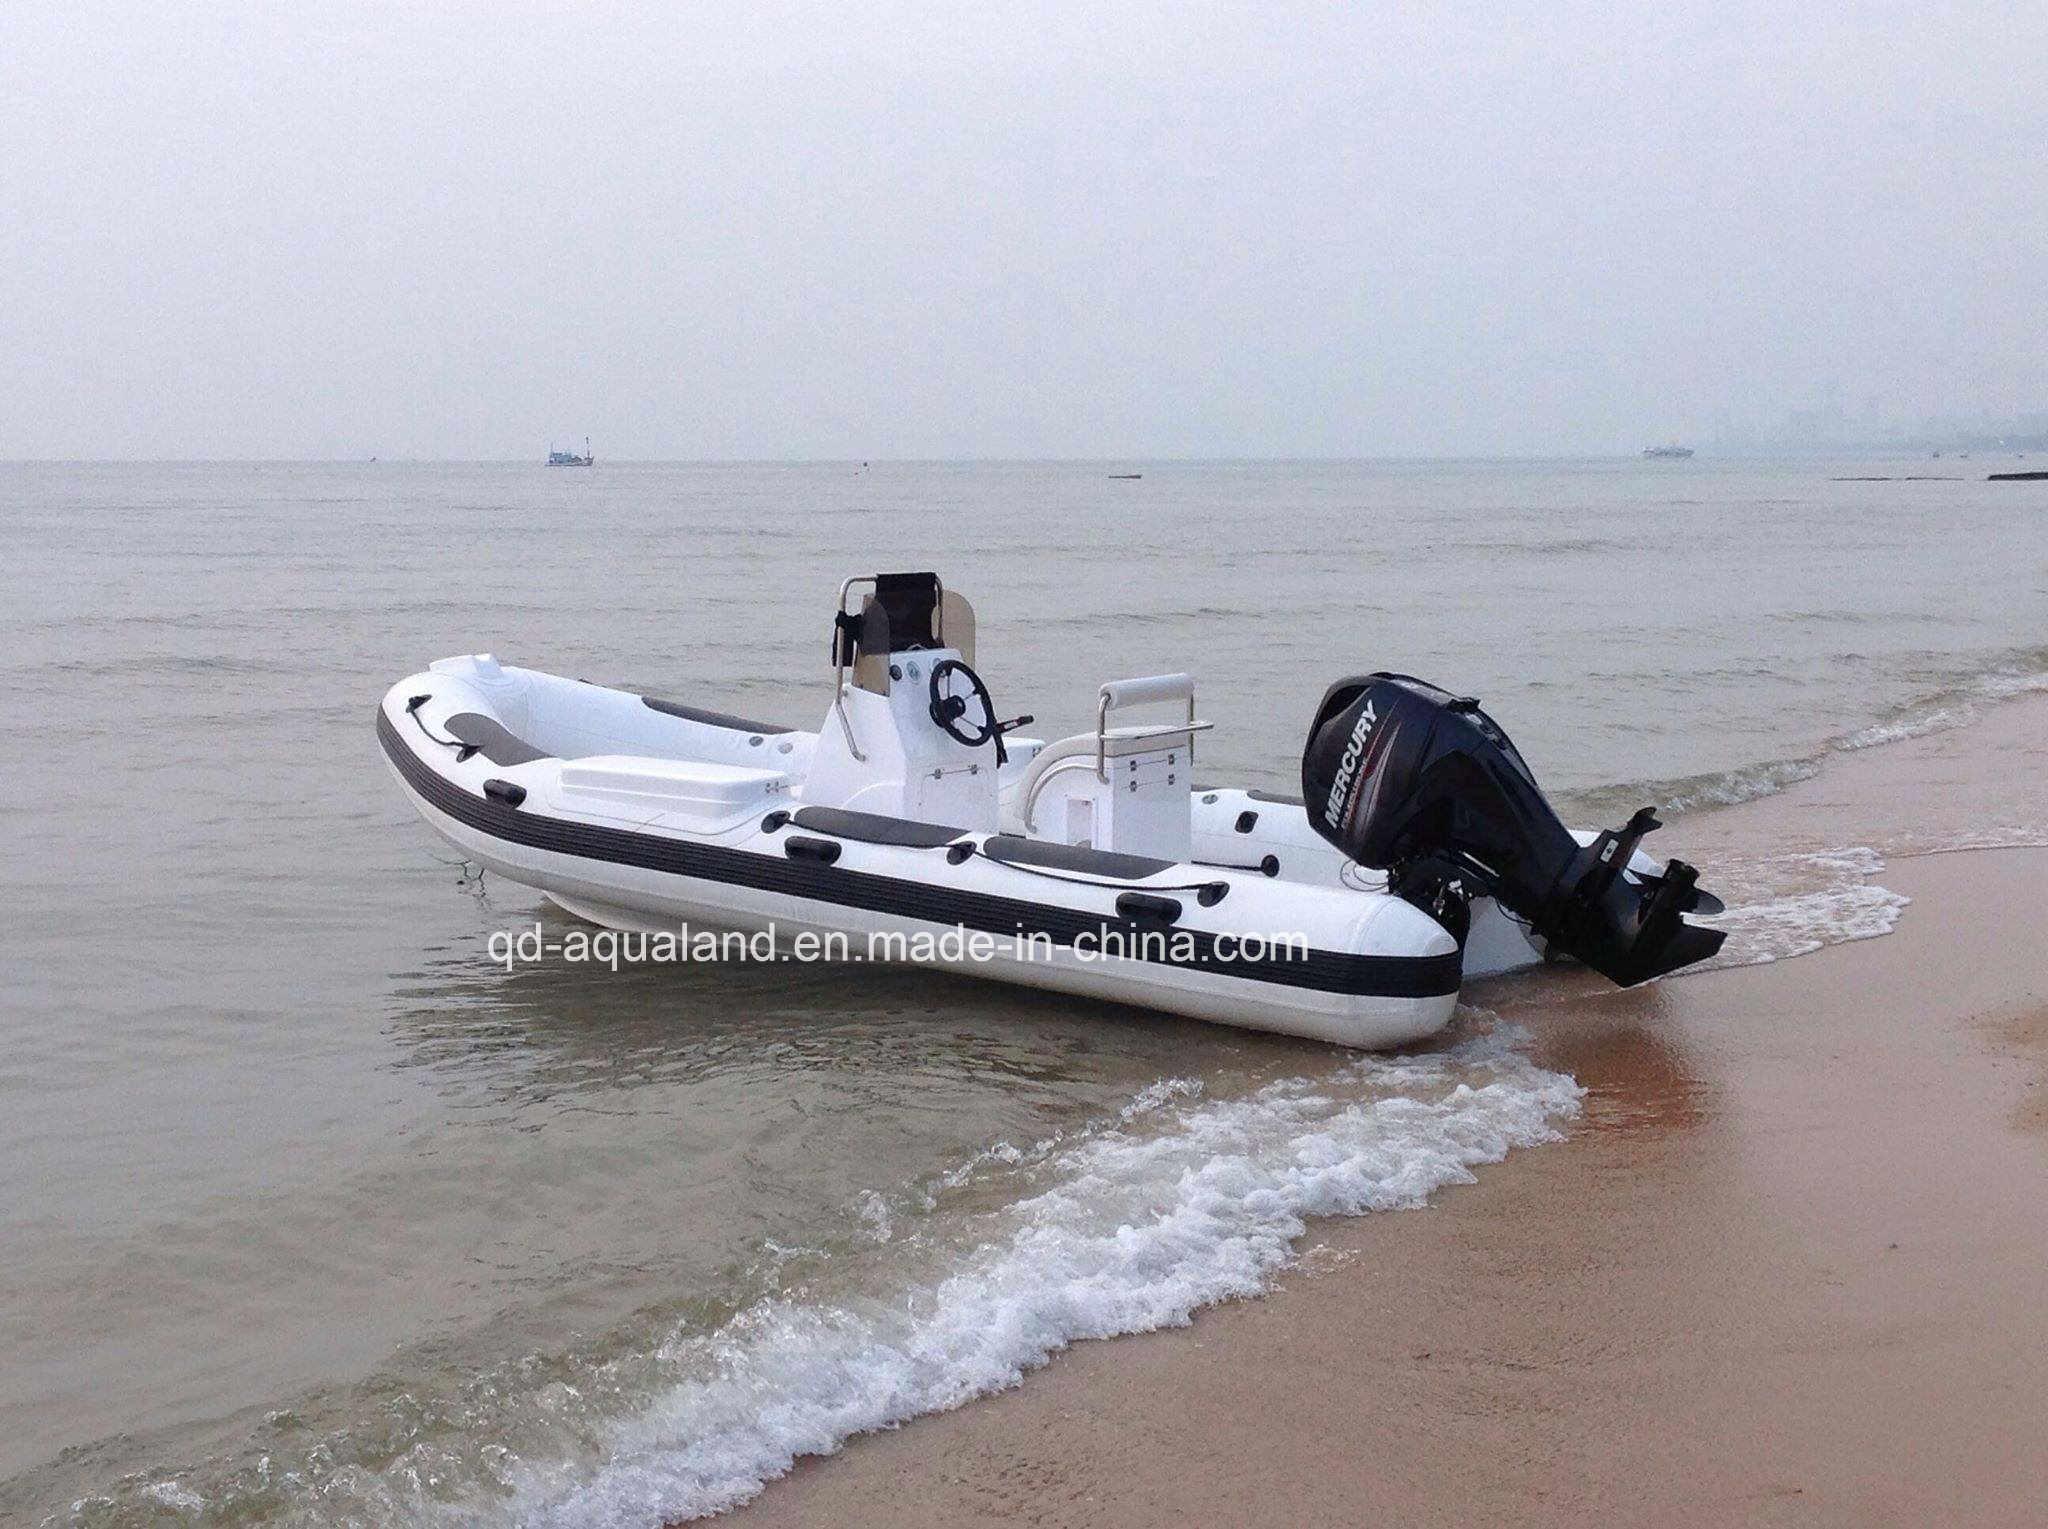 Aqualand 18feet 5.4m Rigid Inflatable Fishing Boat/Rib Rescue Patrol/Motor Boat (RIB540A)